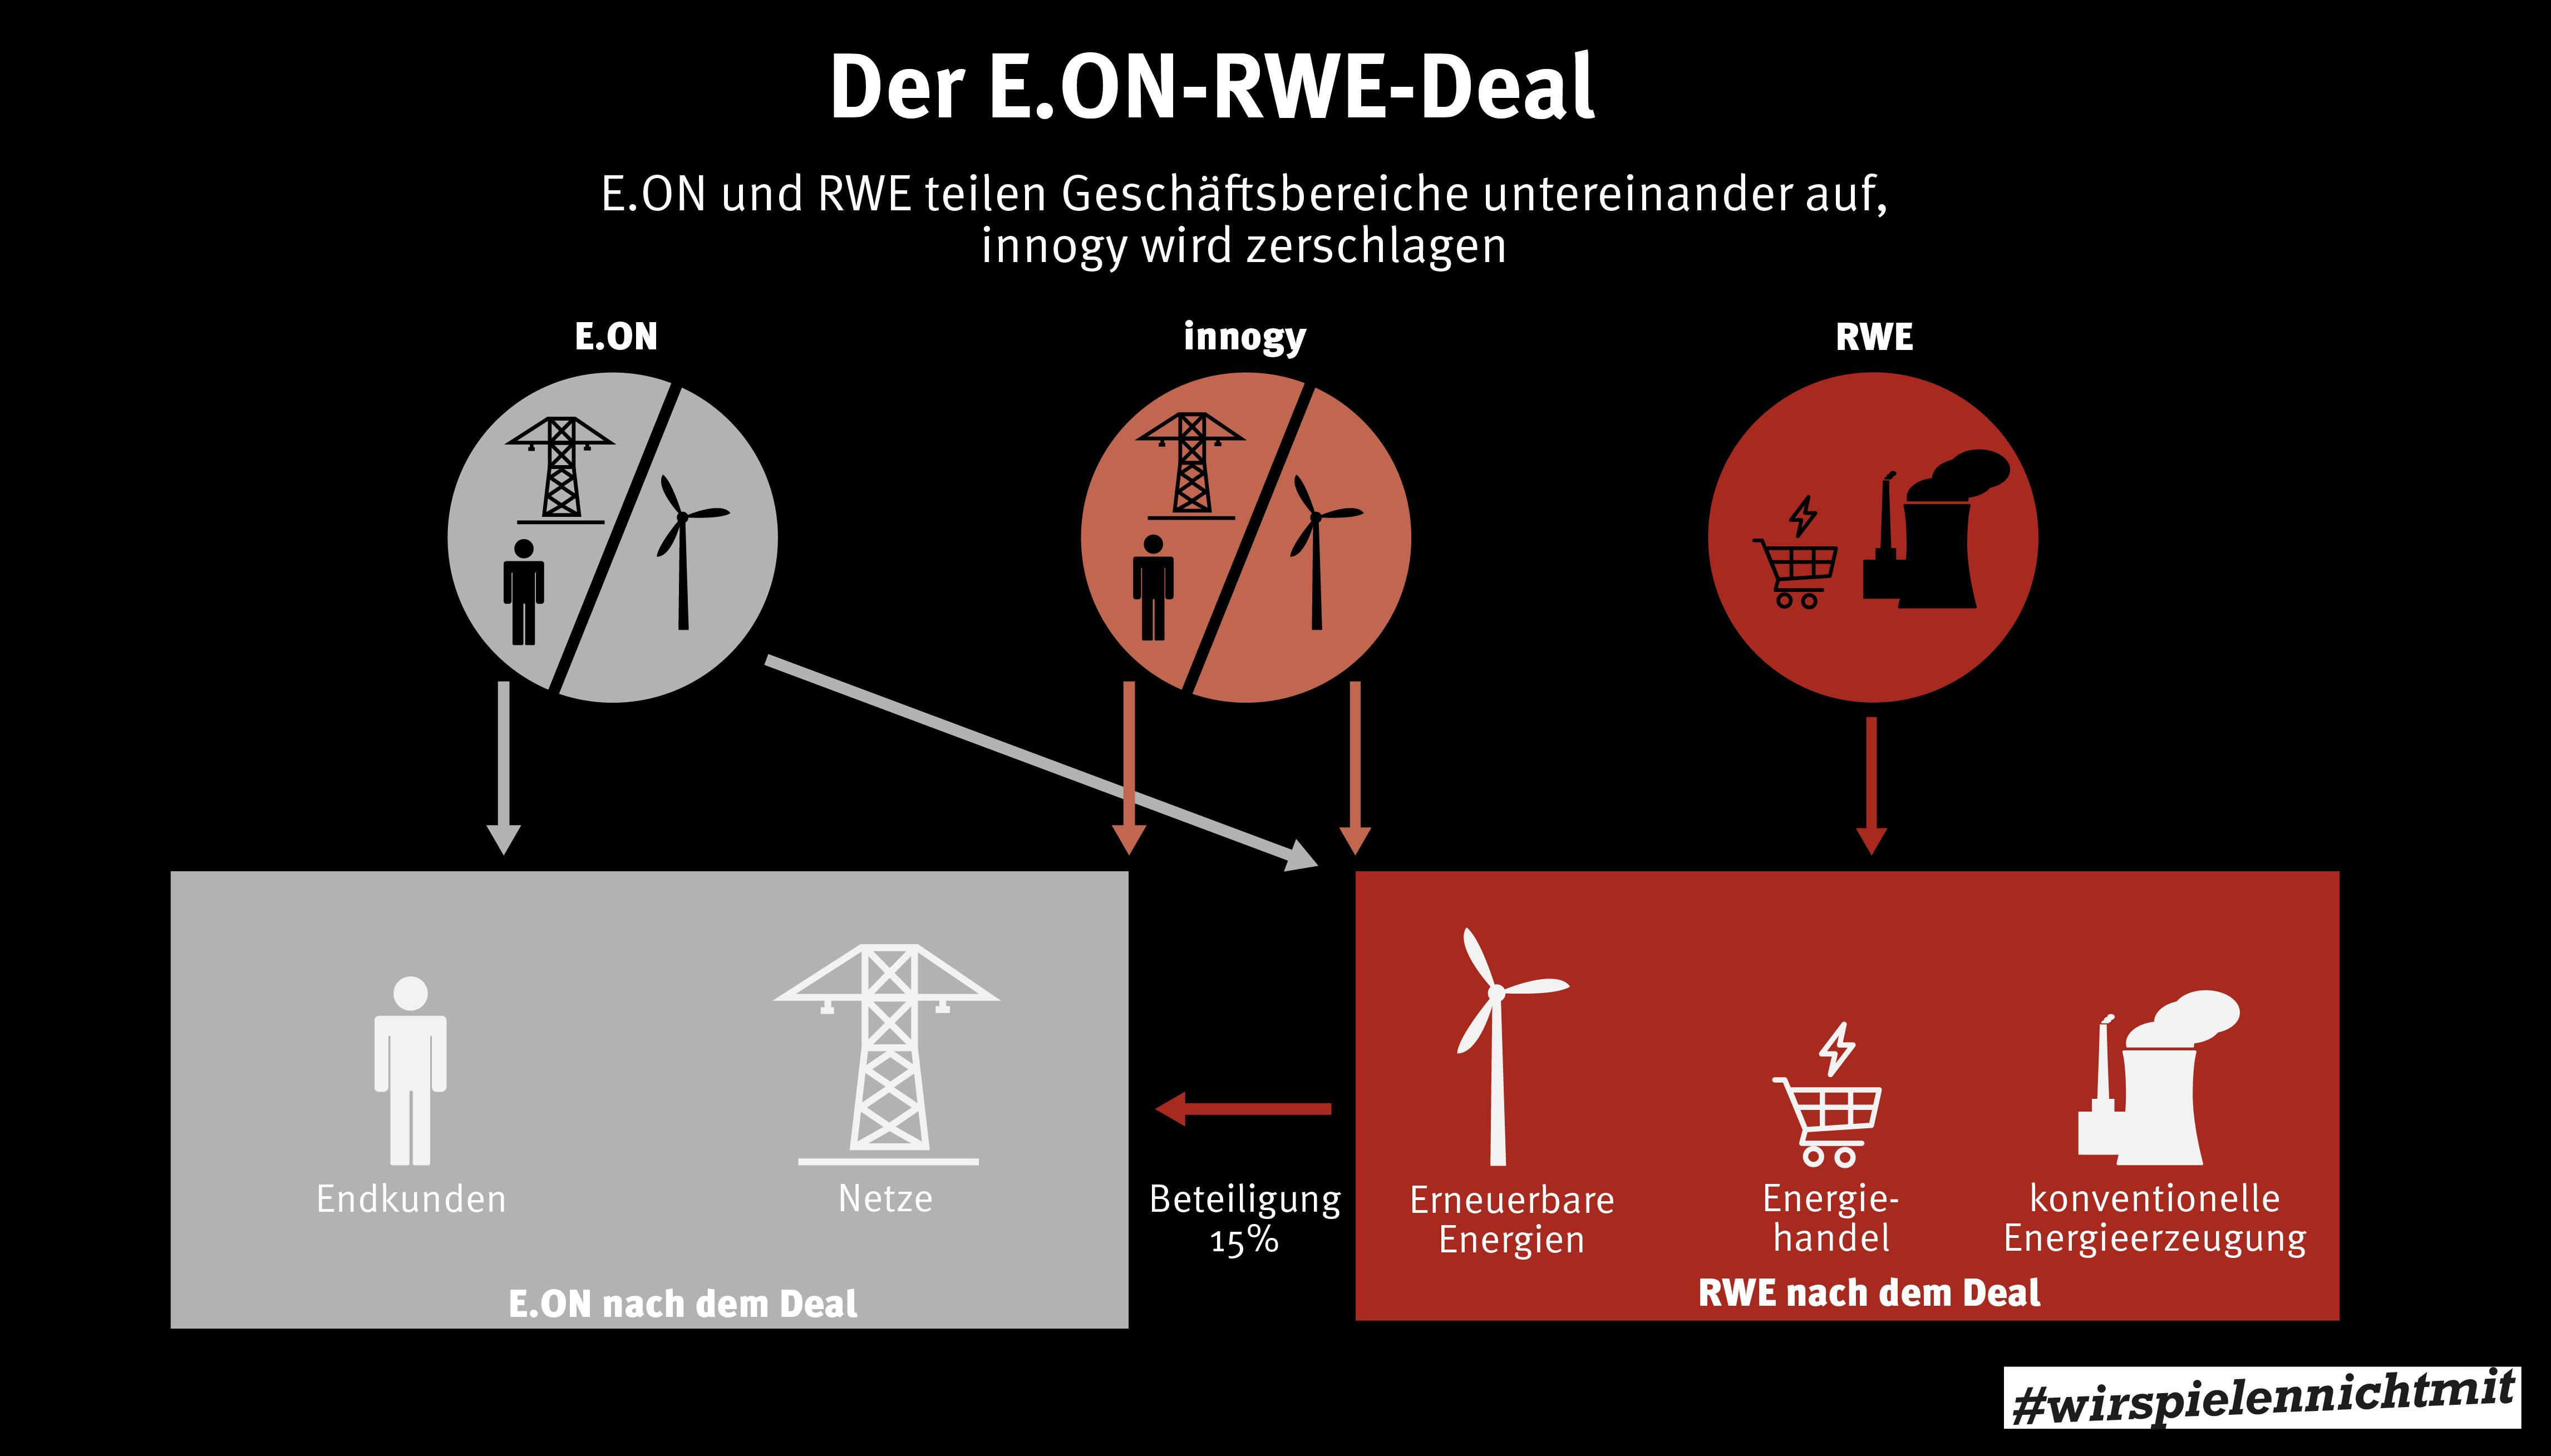 Darstellung des EON-RWE Deals: Kreise und Rechtecke auf schwarzem Grund über Pfeile verbunden, zeigen den Deal auf